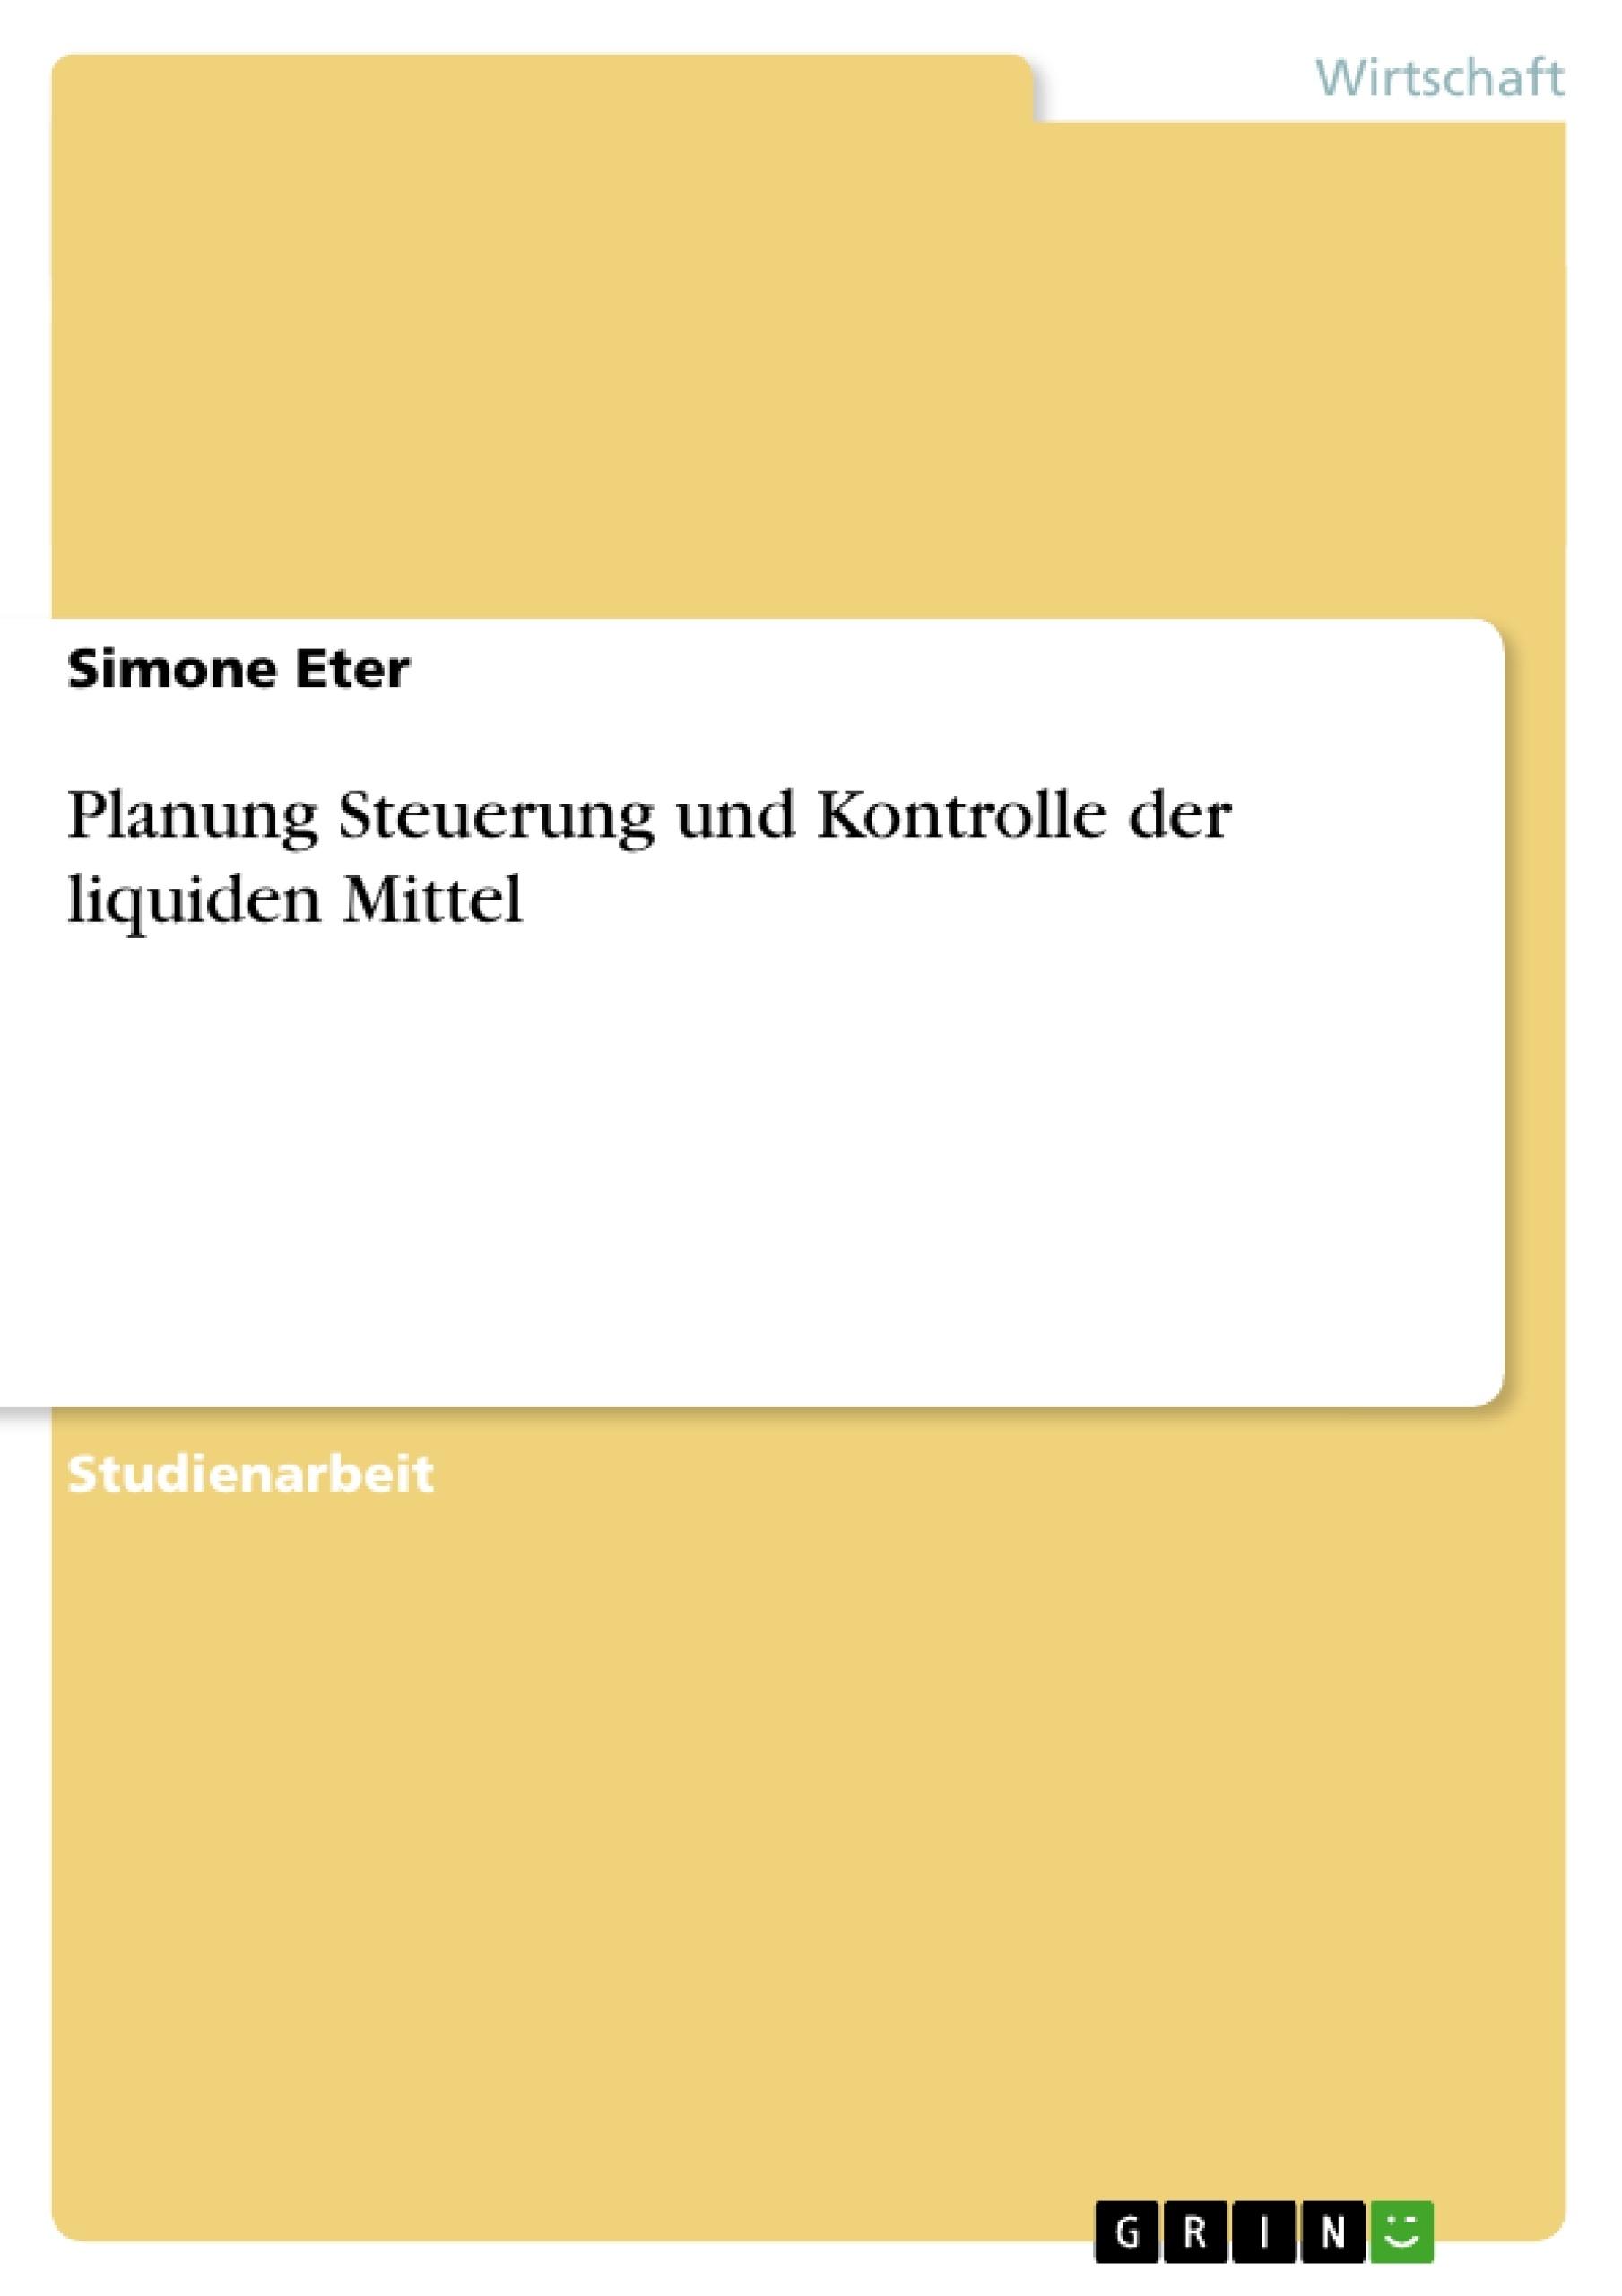 Titel: Planung Steuerung und Kontrolle der liquiden Mittel